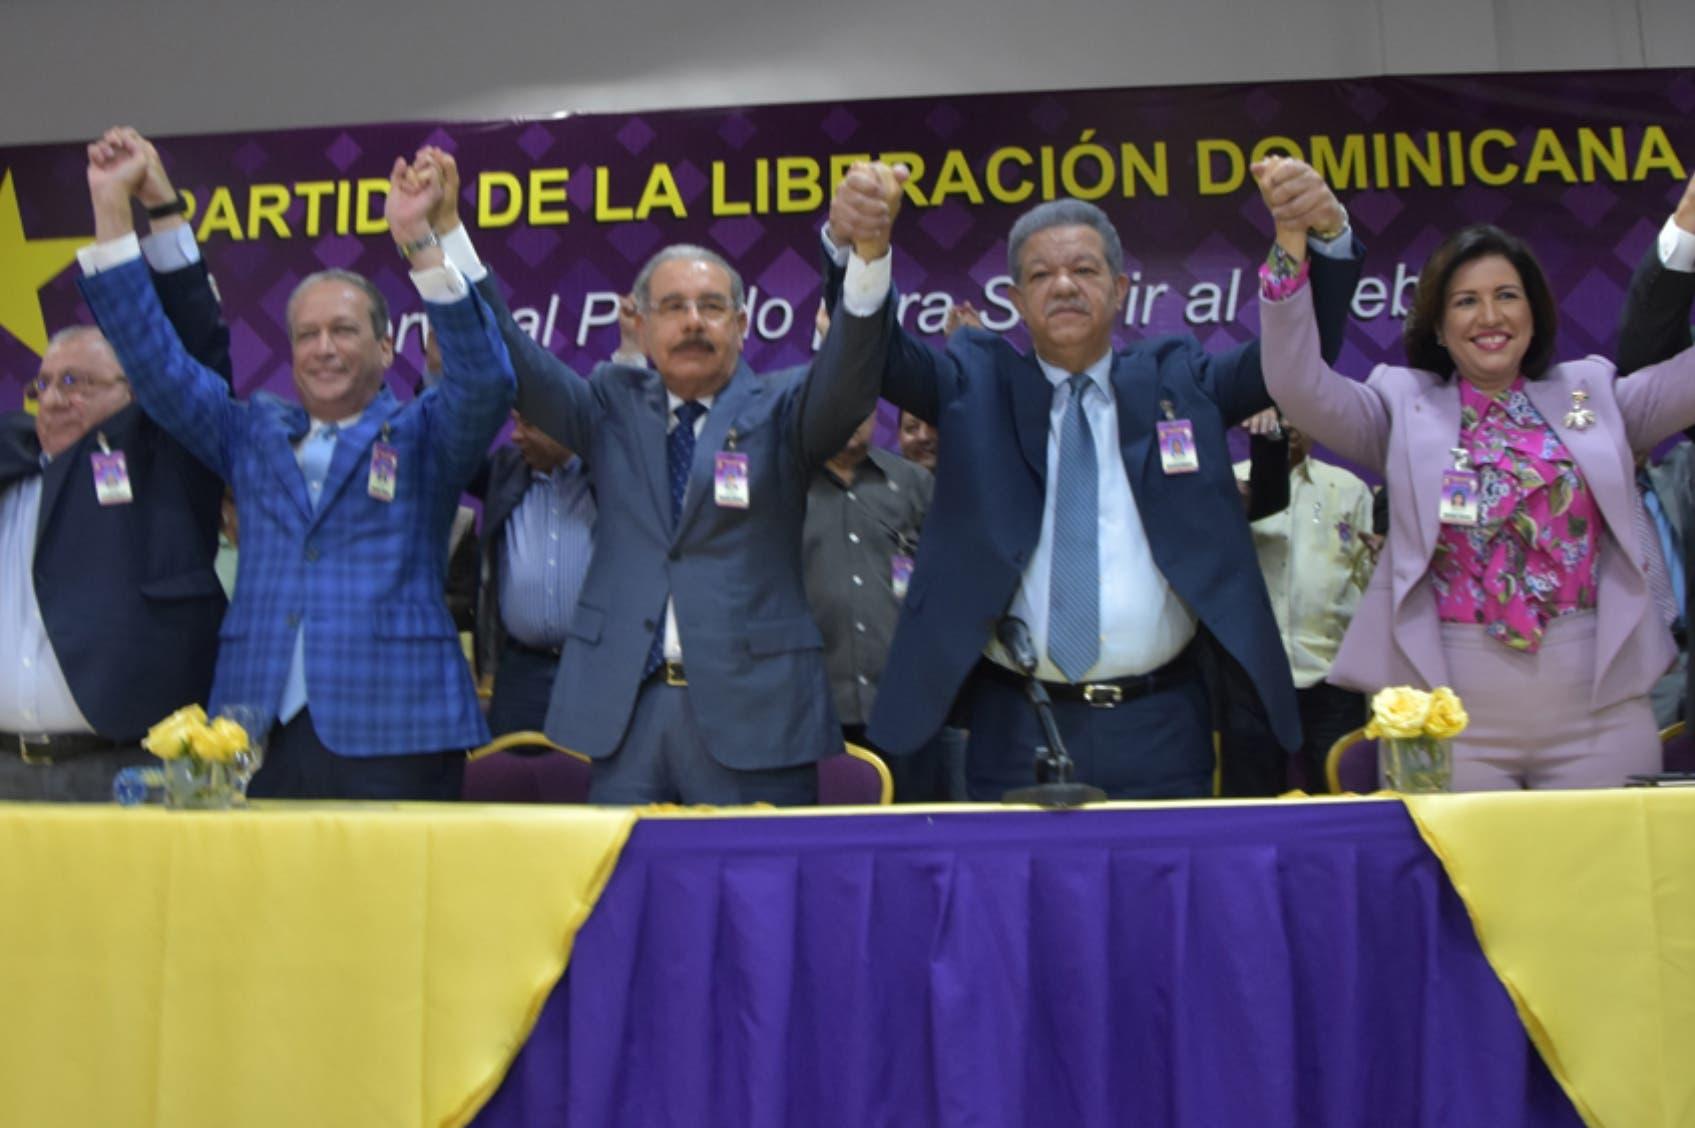 El expresidente Leonel Fernández hizo personalmente la propuesta, que fue aprobada a unanimidad.  Pablo Matos.